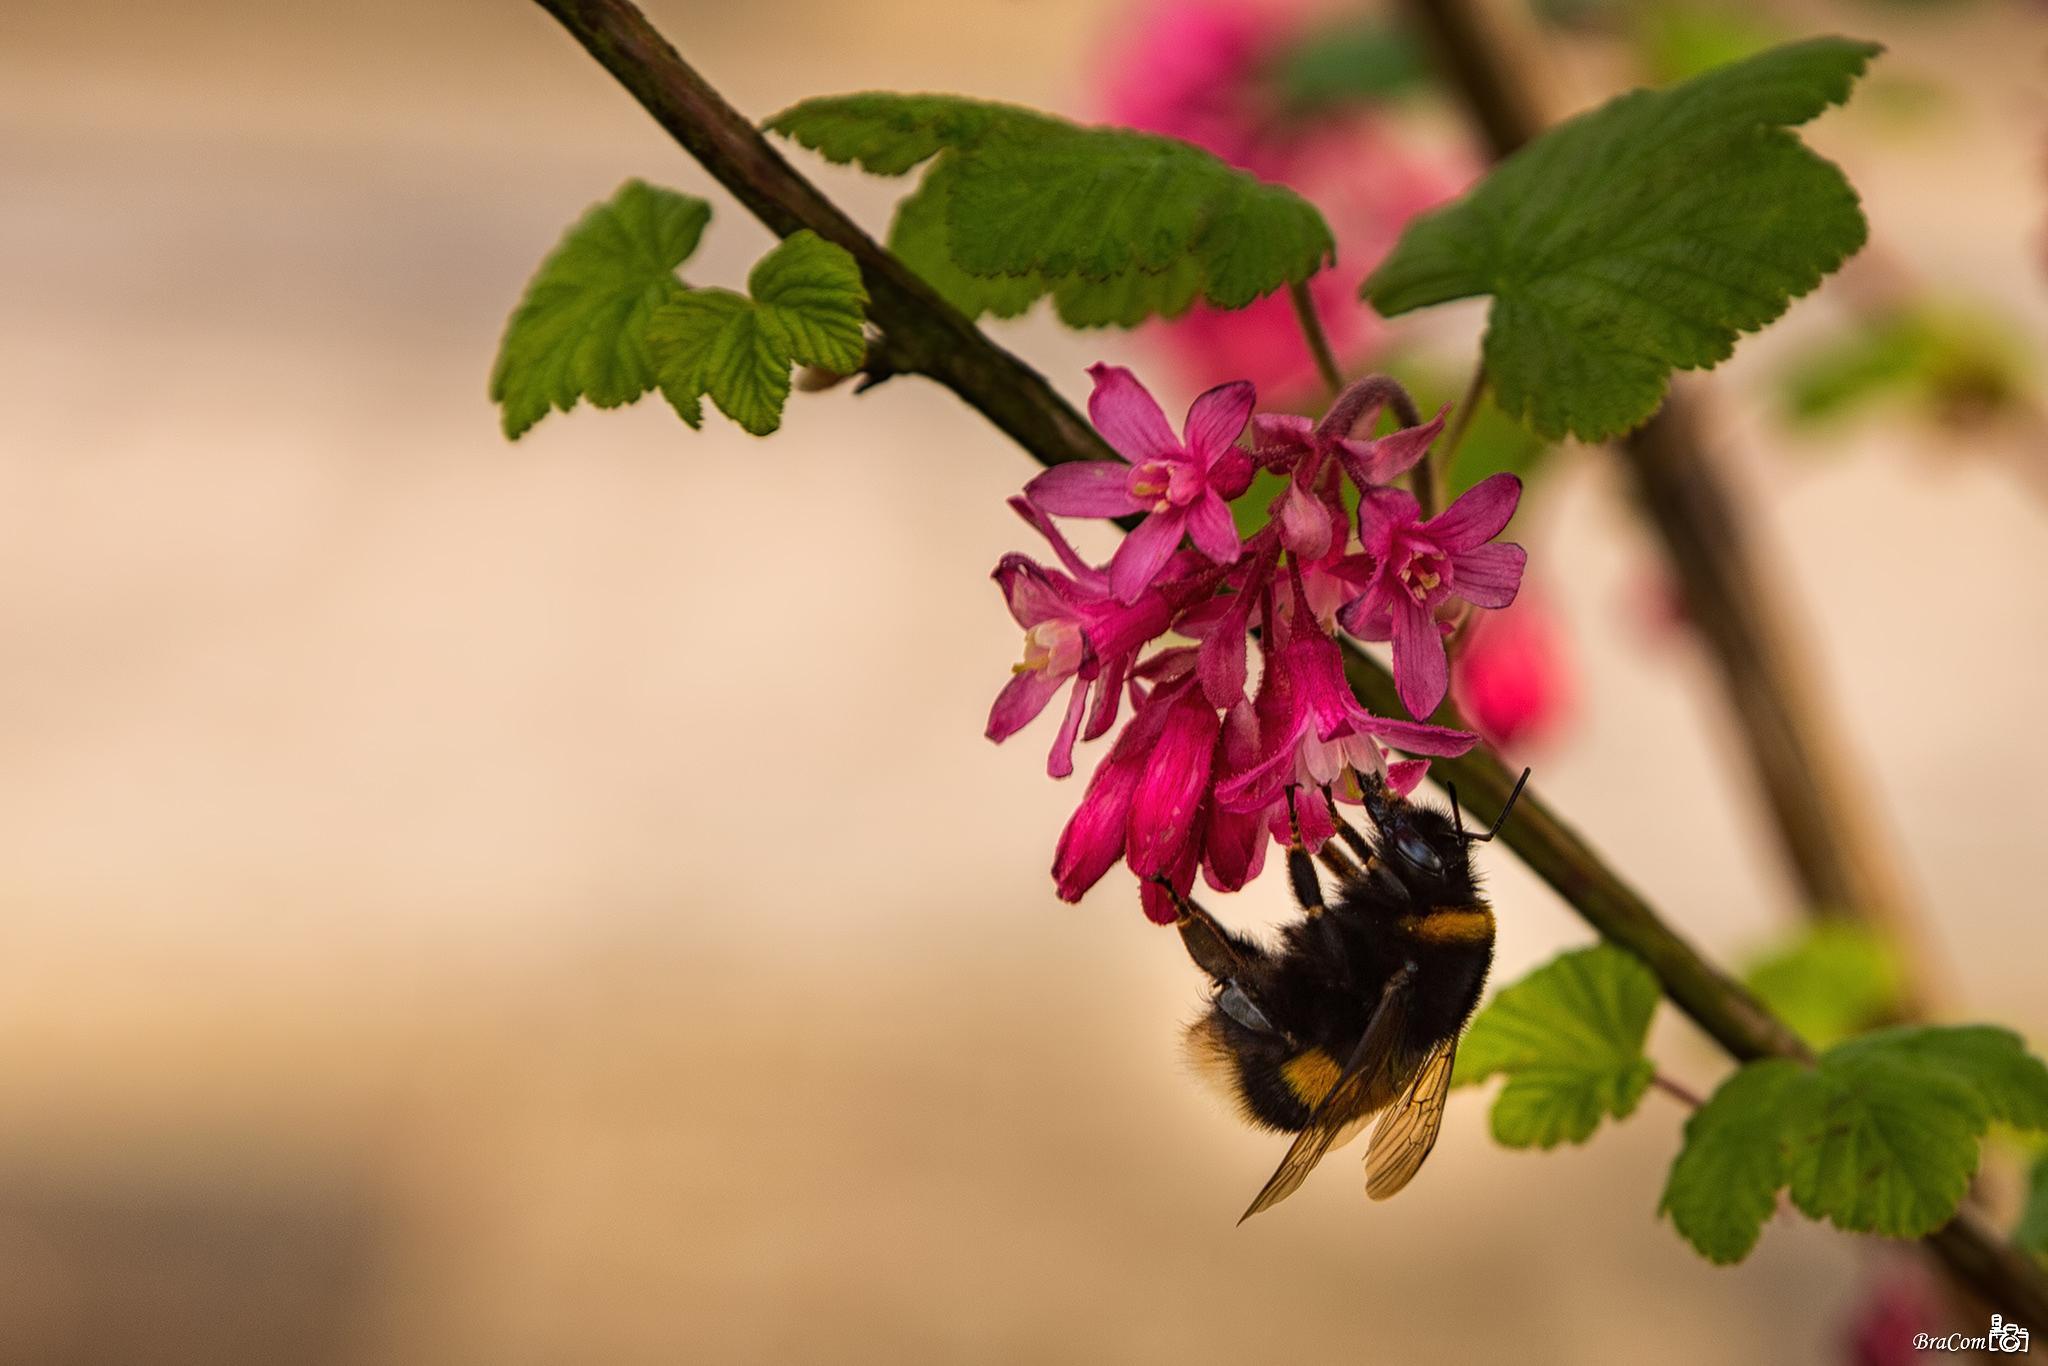 Bumblebee by Bram van Broekhoven